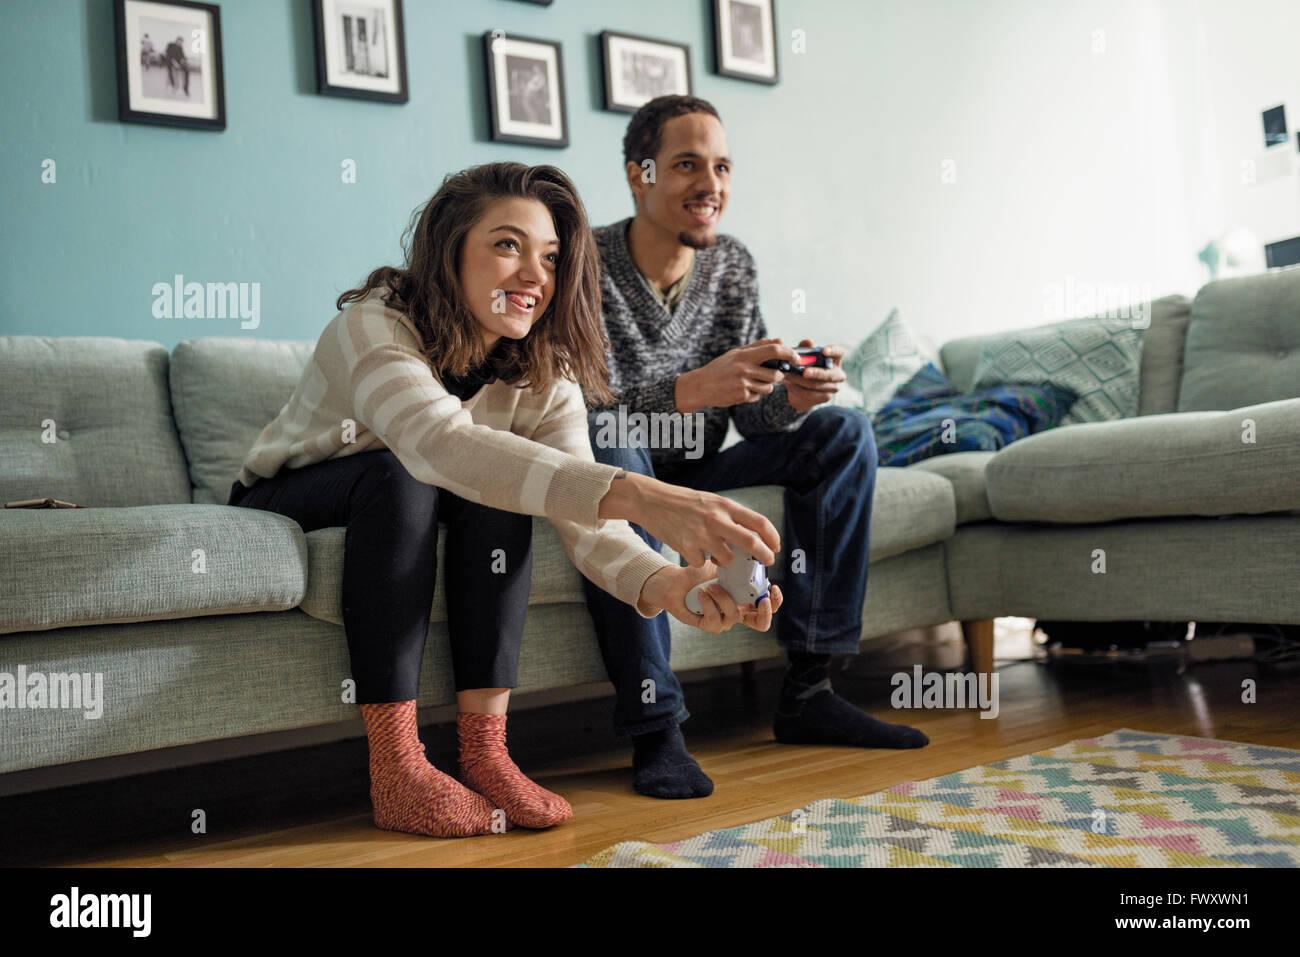 La Suède, jeune couple jouant des jeux vidéo dans la salle de séjour Photo Stock